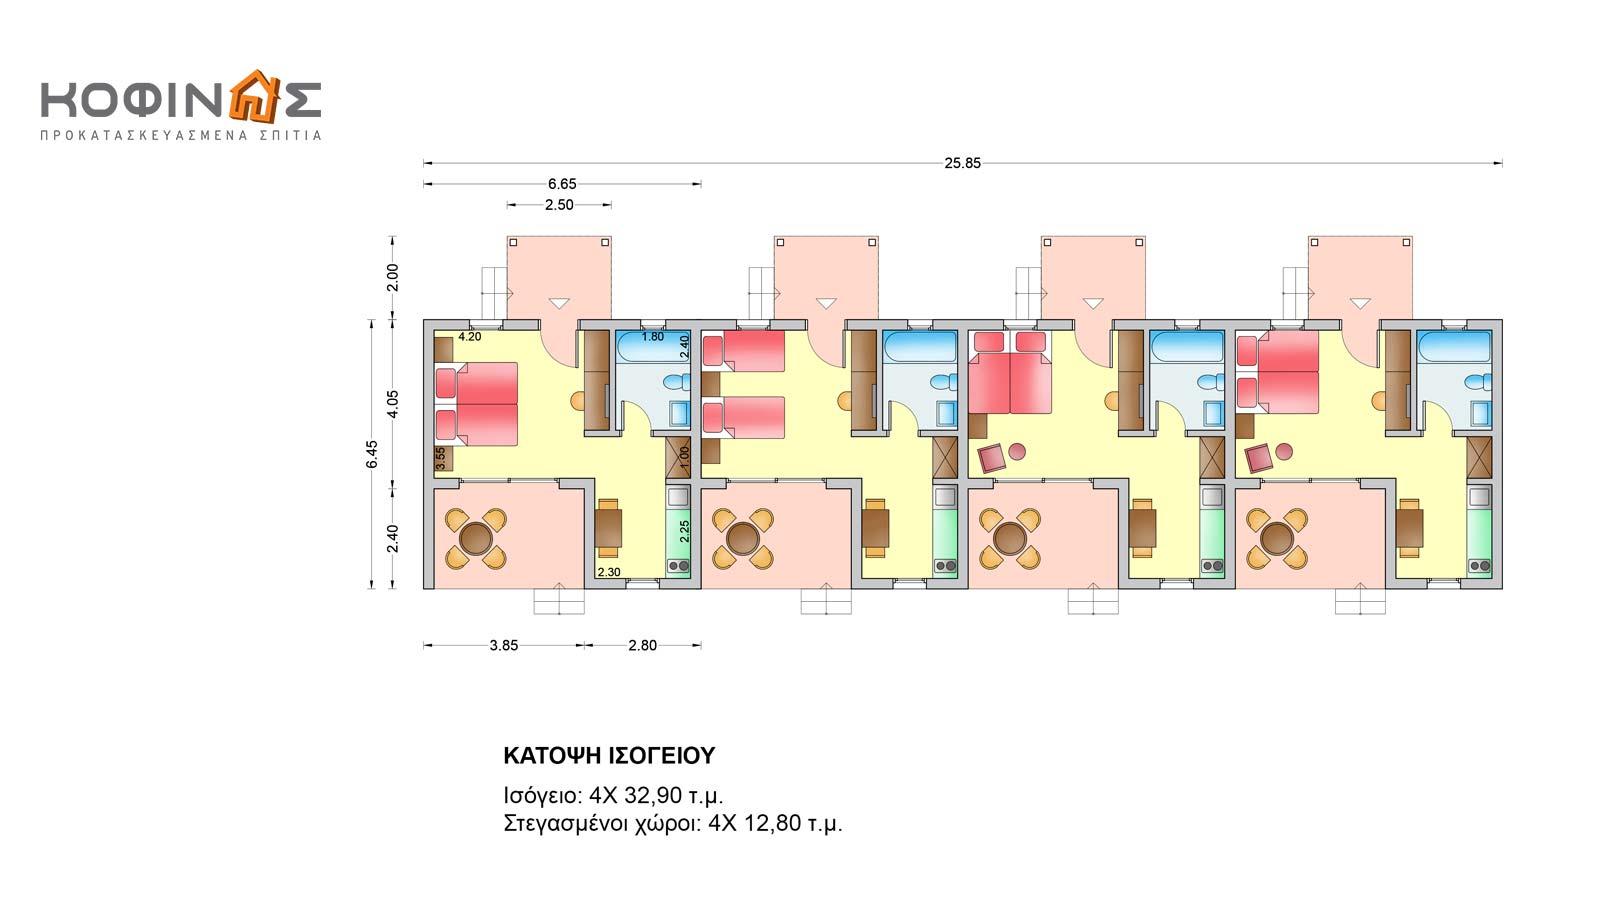 Συγκρότημα Κατοικιών E-32, συνολικής επιφάνειας 4 x 32,90 = 131.60 τ.μ.